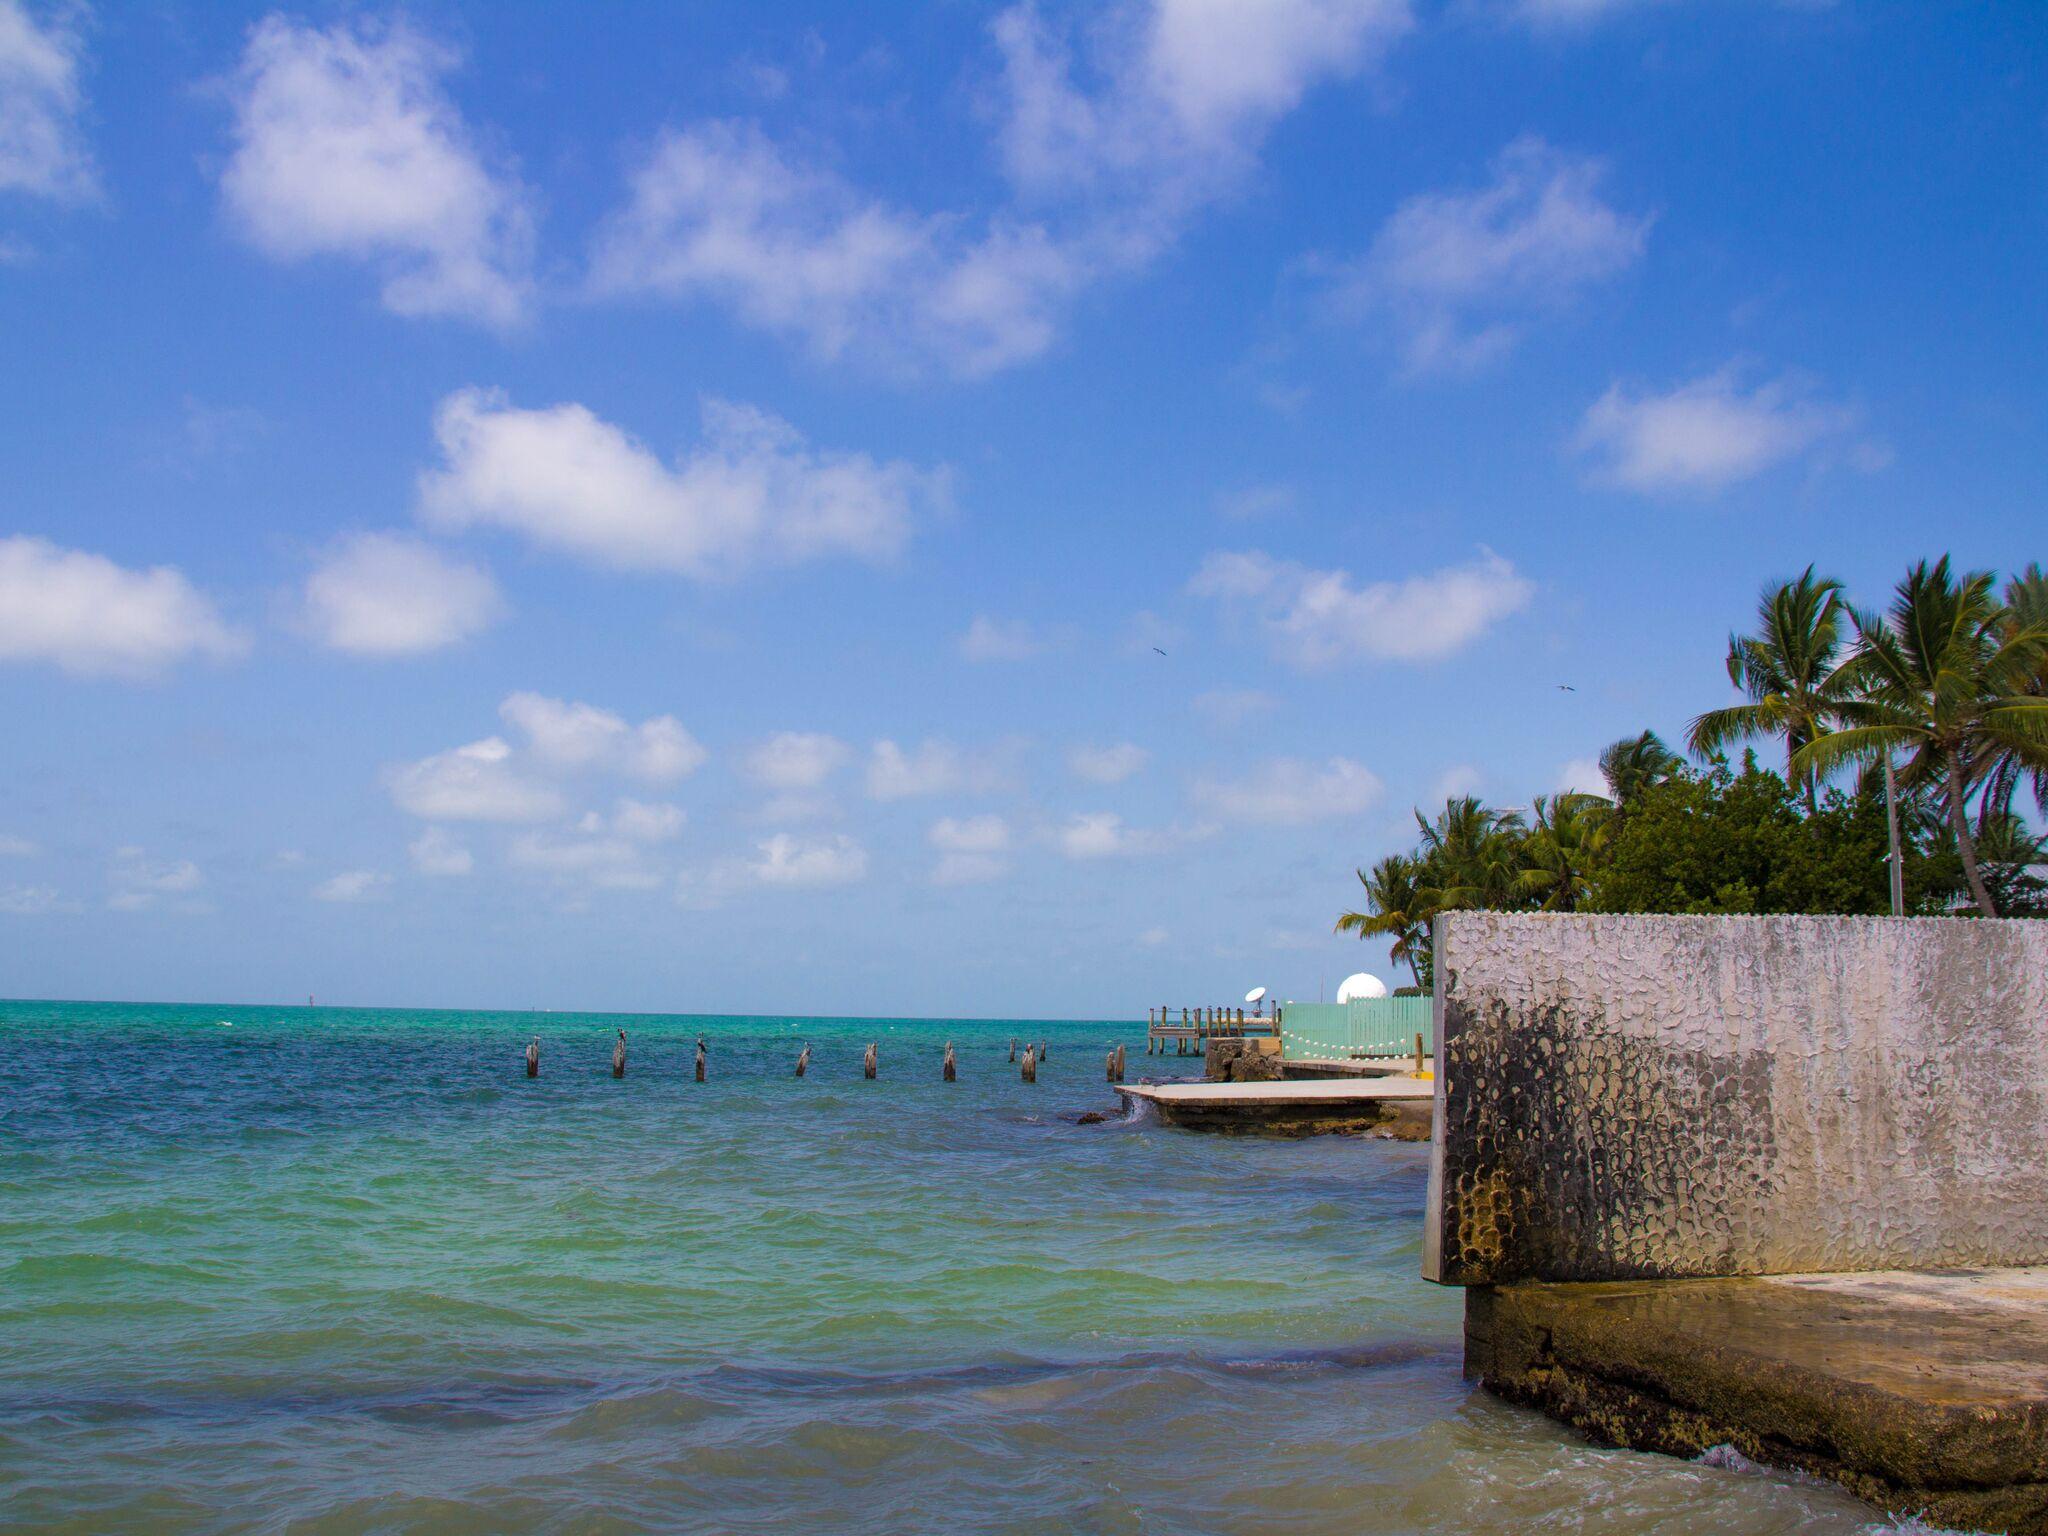 Key West, Florida #keywest #landscape #nature #floridakeys #miamiphotography #browardphotography #southfloridaphotography #crystalvazquezphotography